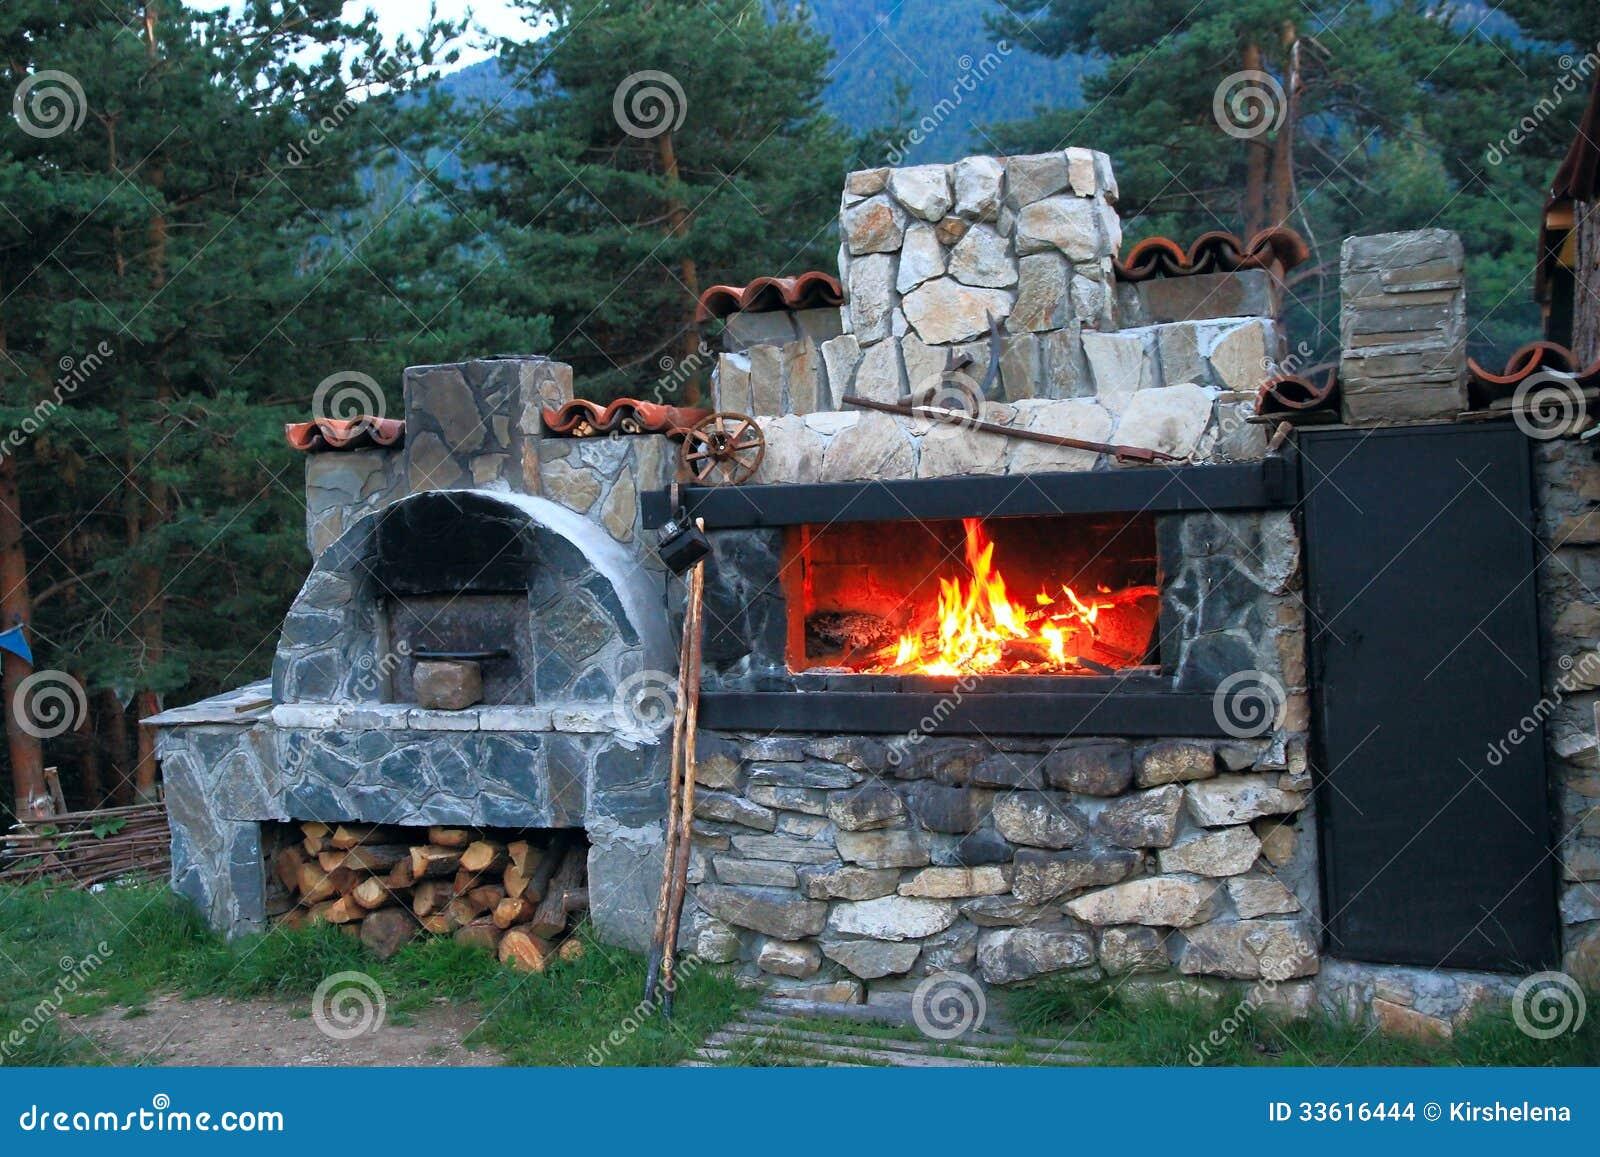 Bbq oven maakte van steen in de binnenplaats van het huis stock afbeeldingen afbeelding - Barbecue ontwerp ...